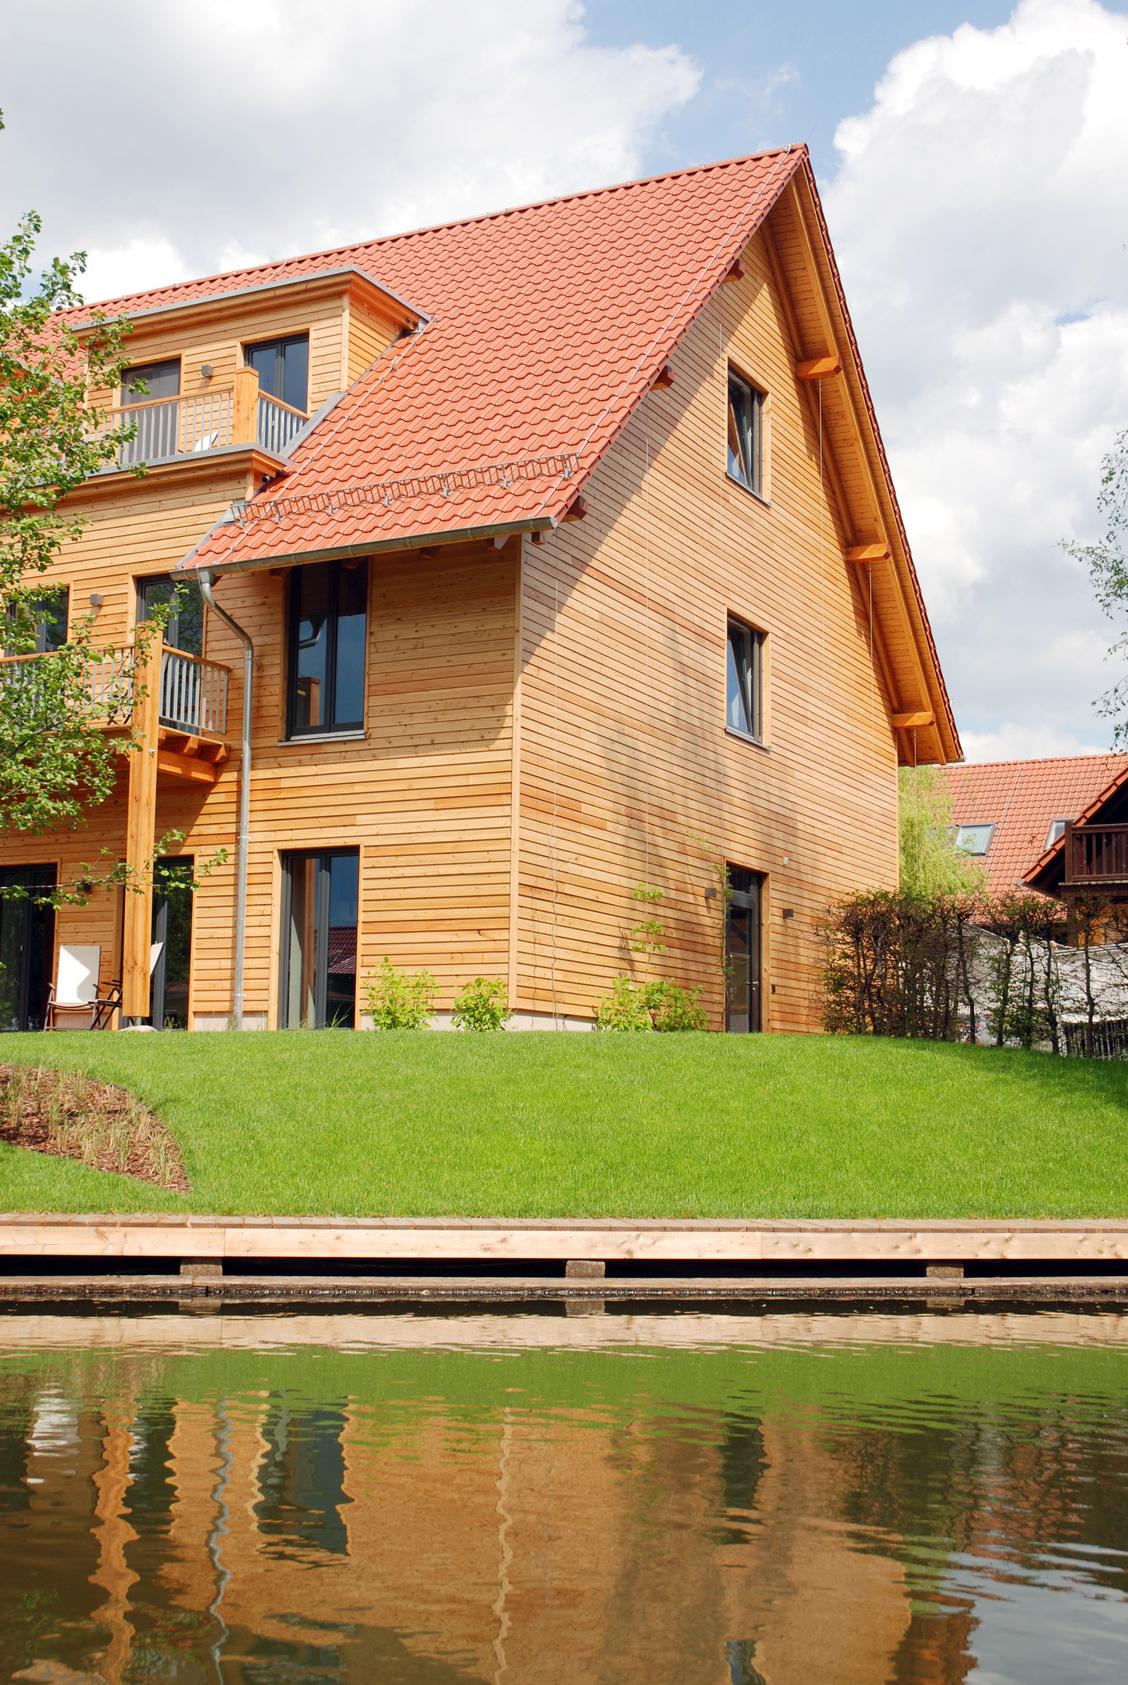 Konstruktiver Holzschutz – Schutz fürs Holz gut geplant! - Nieder